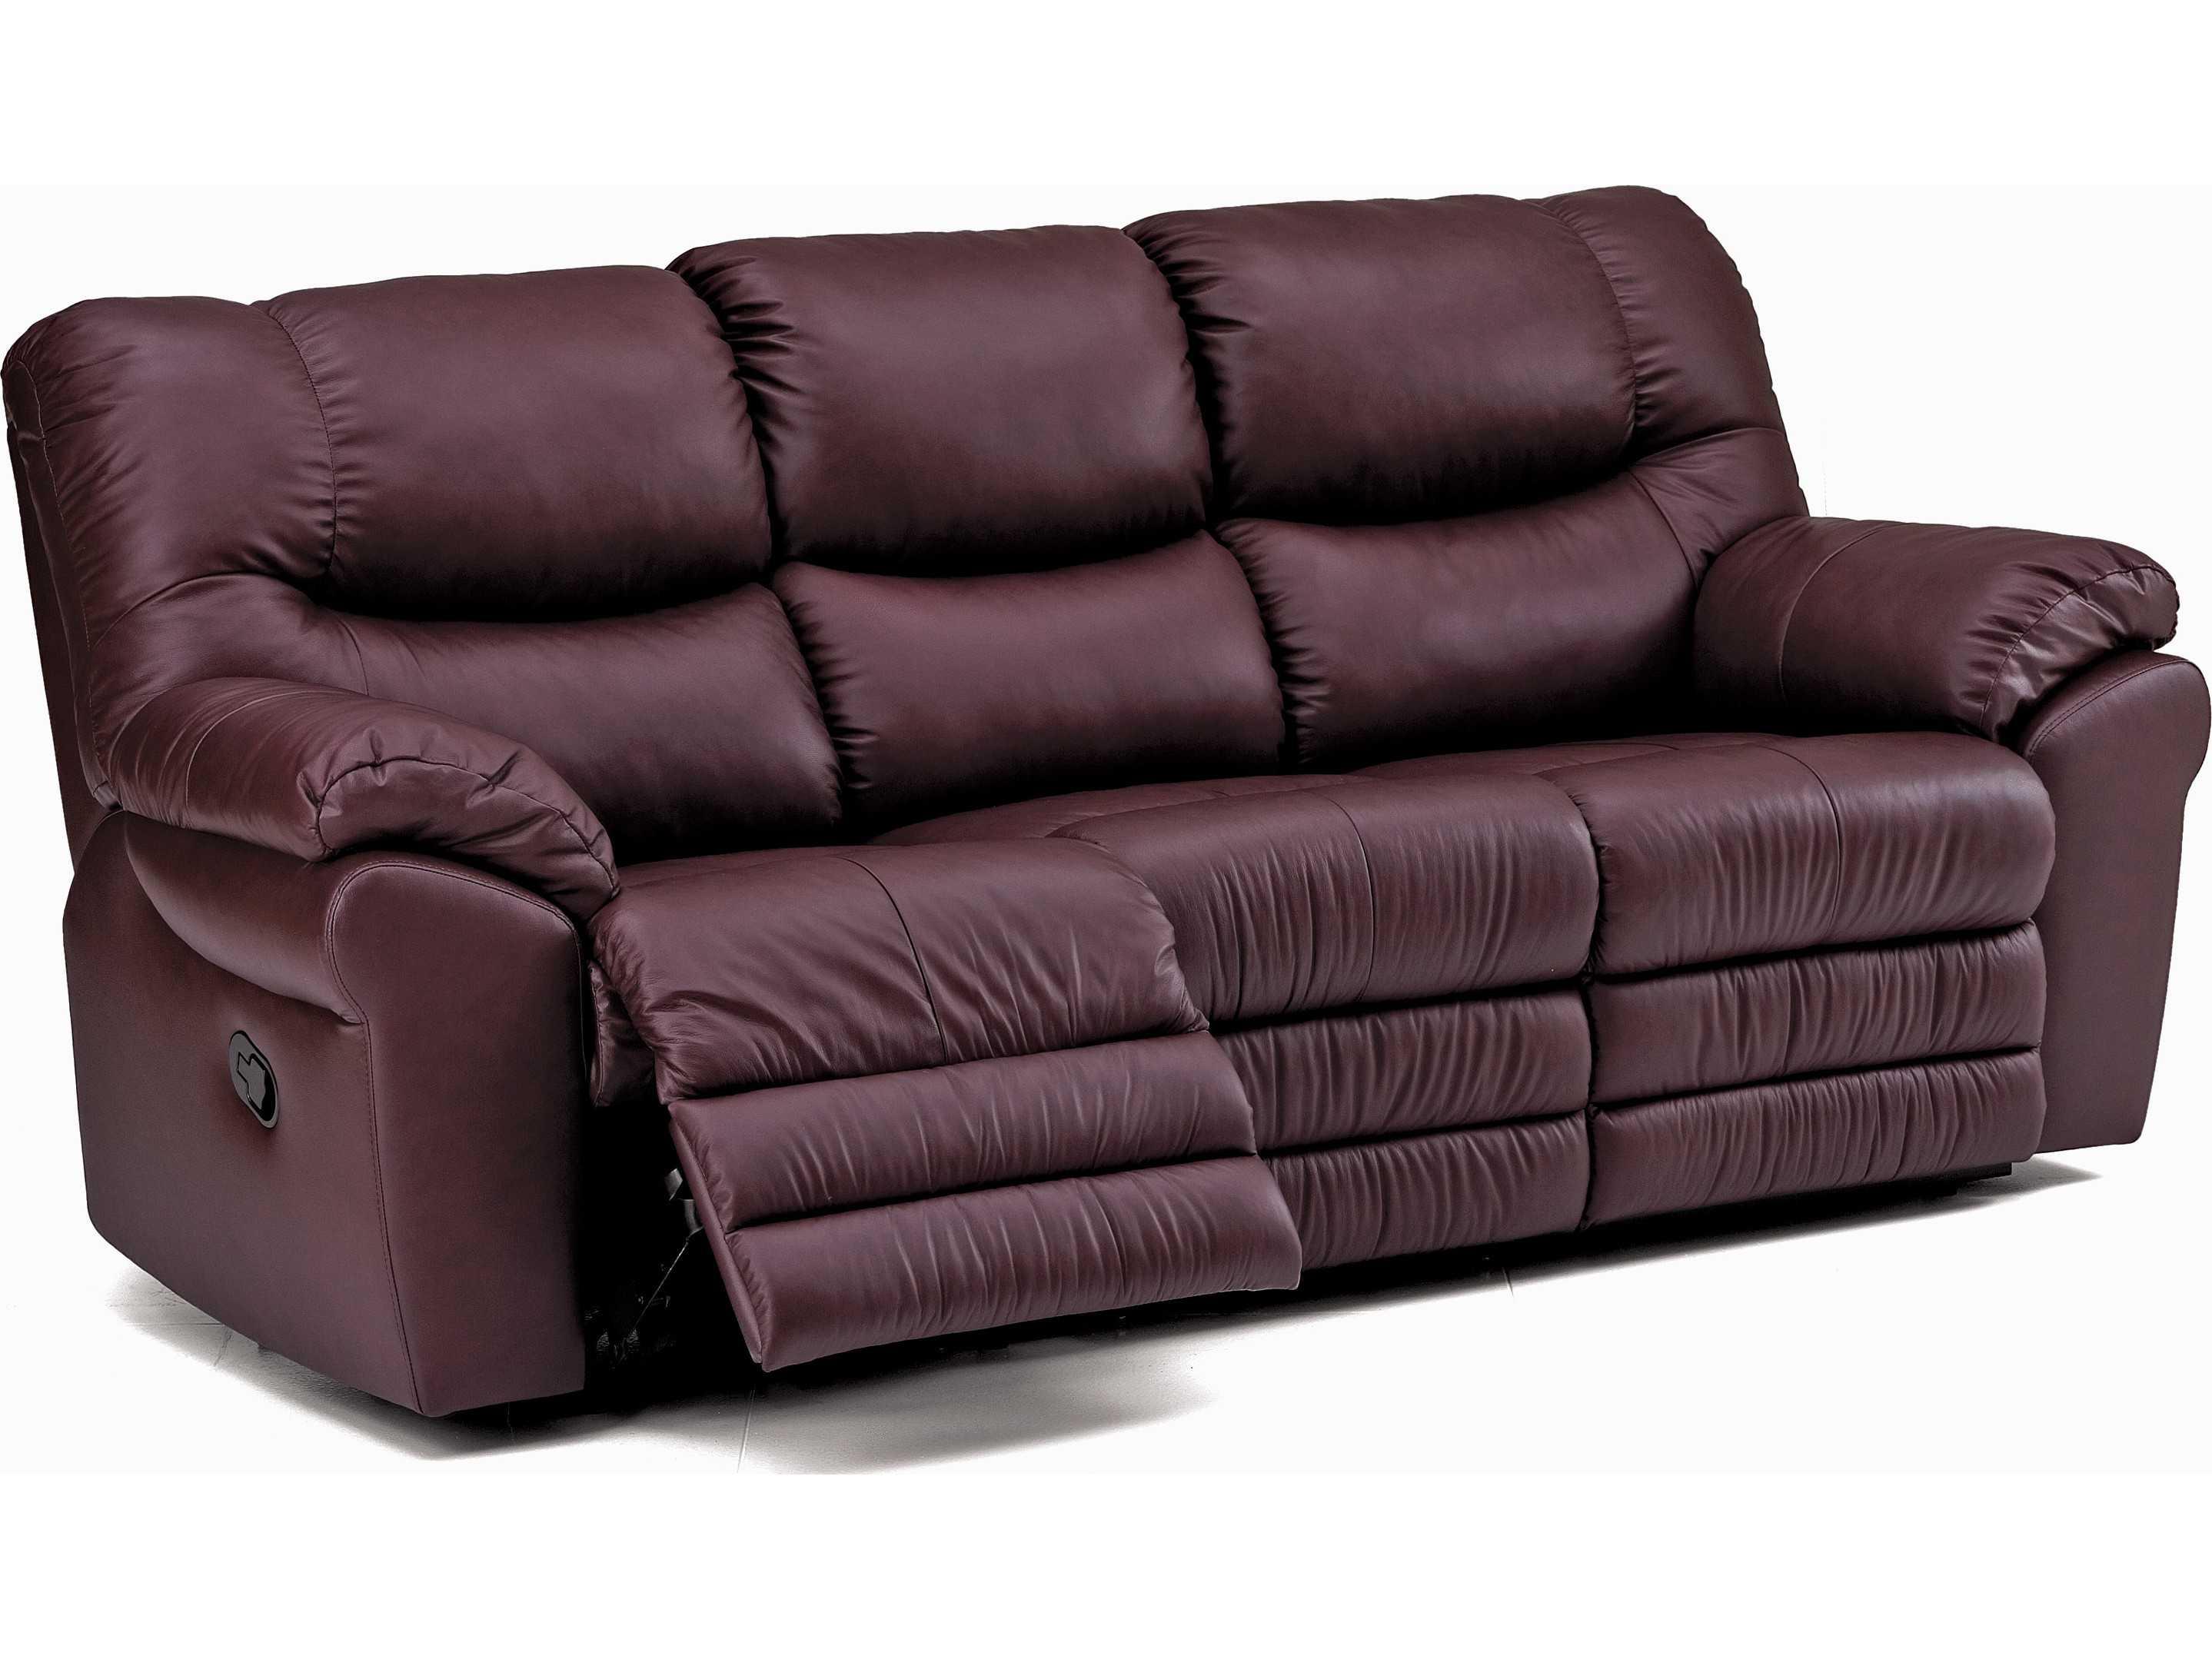 Swell Palliser Divo Powered Recliner Sofa Short Links Chair Design For Home Short Linksinfo